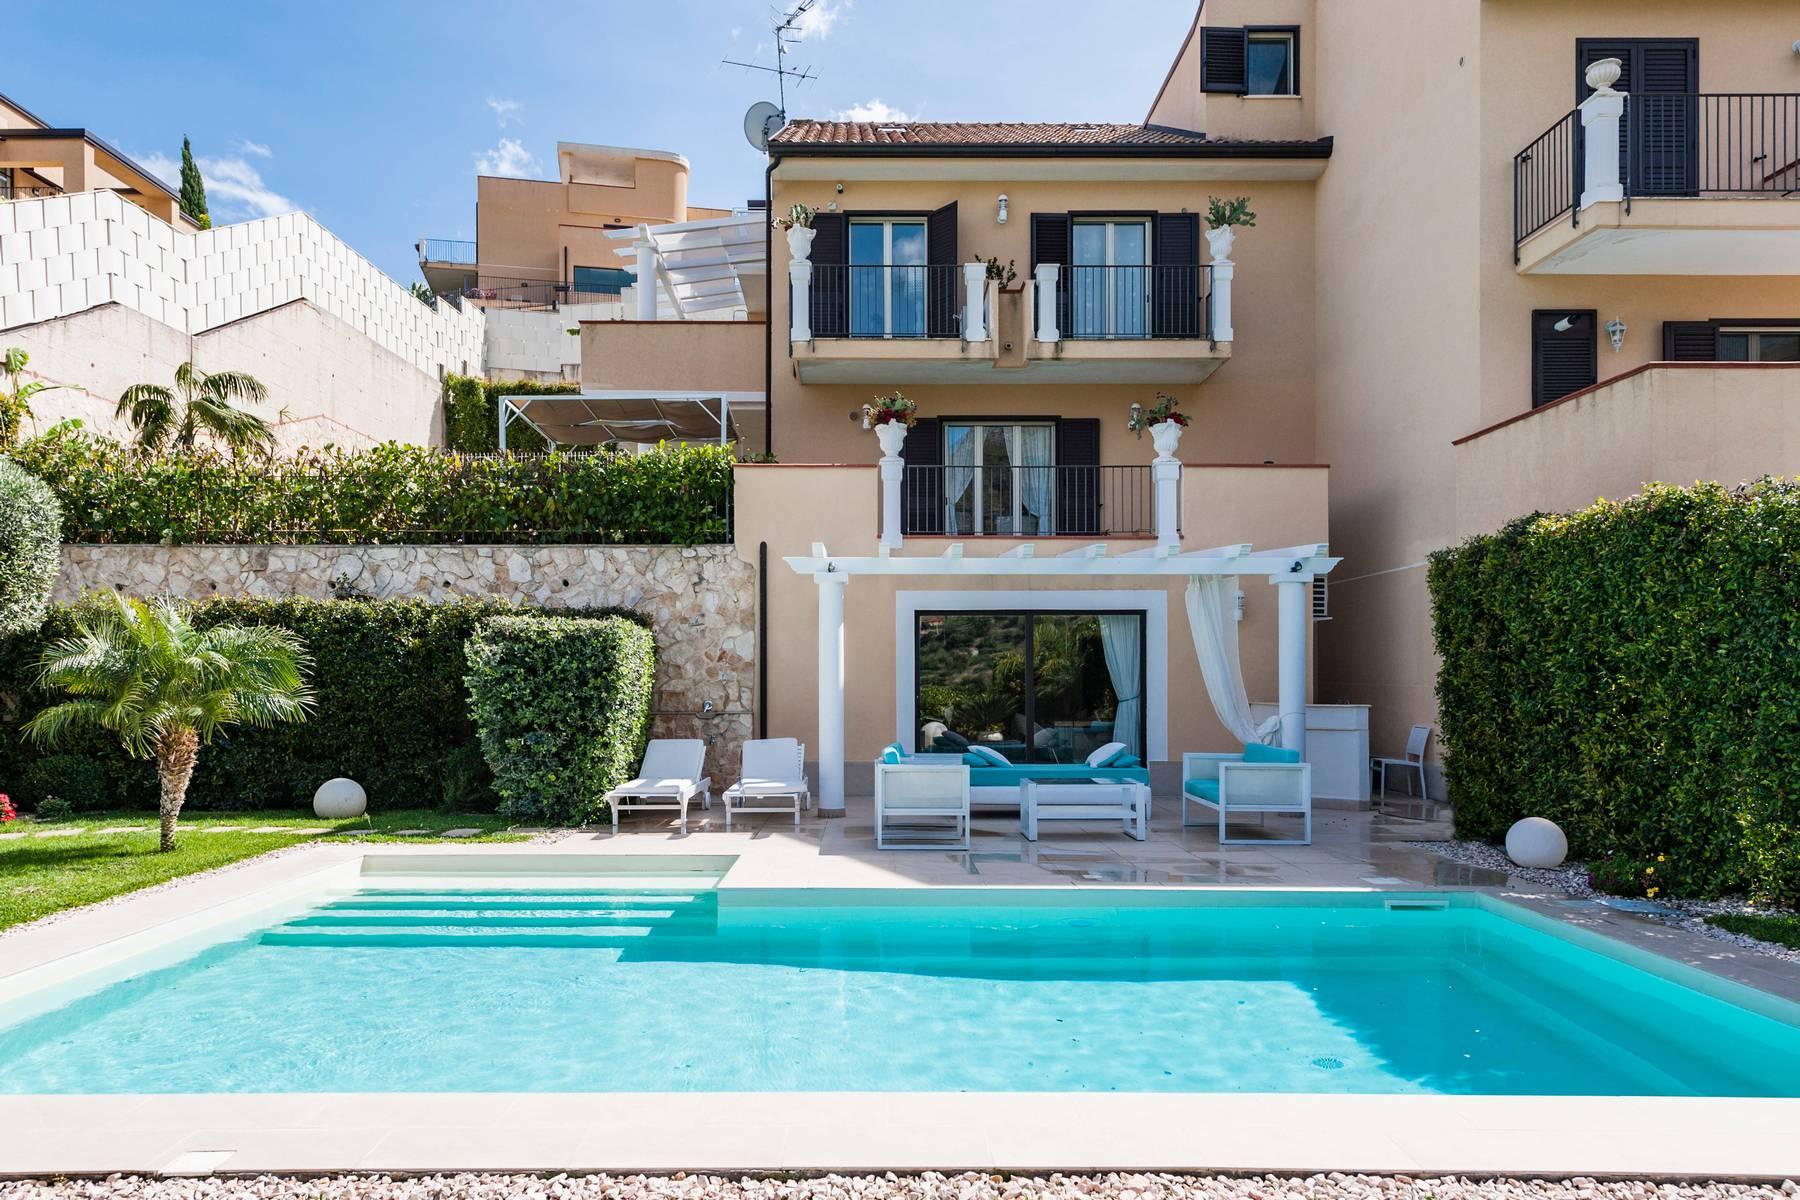 Modern villa with swimming pool in Taormina - 18